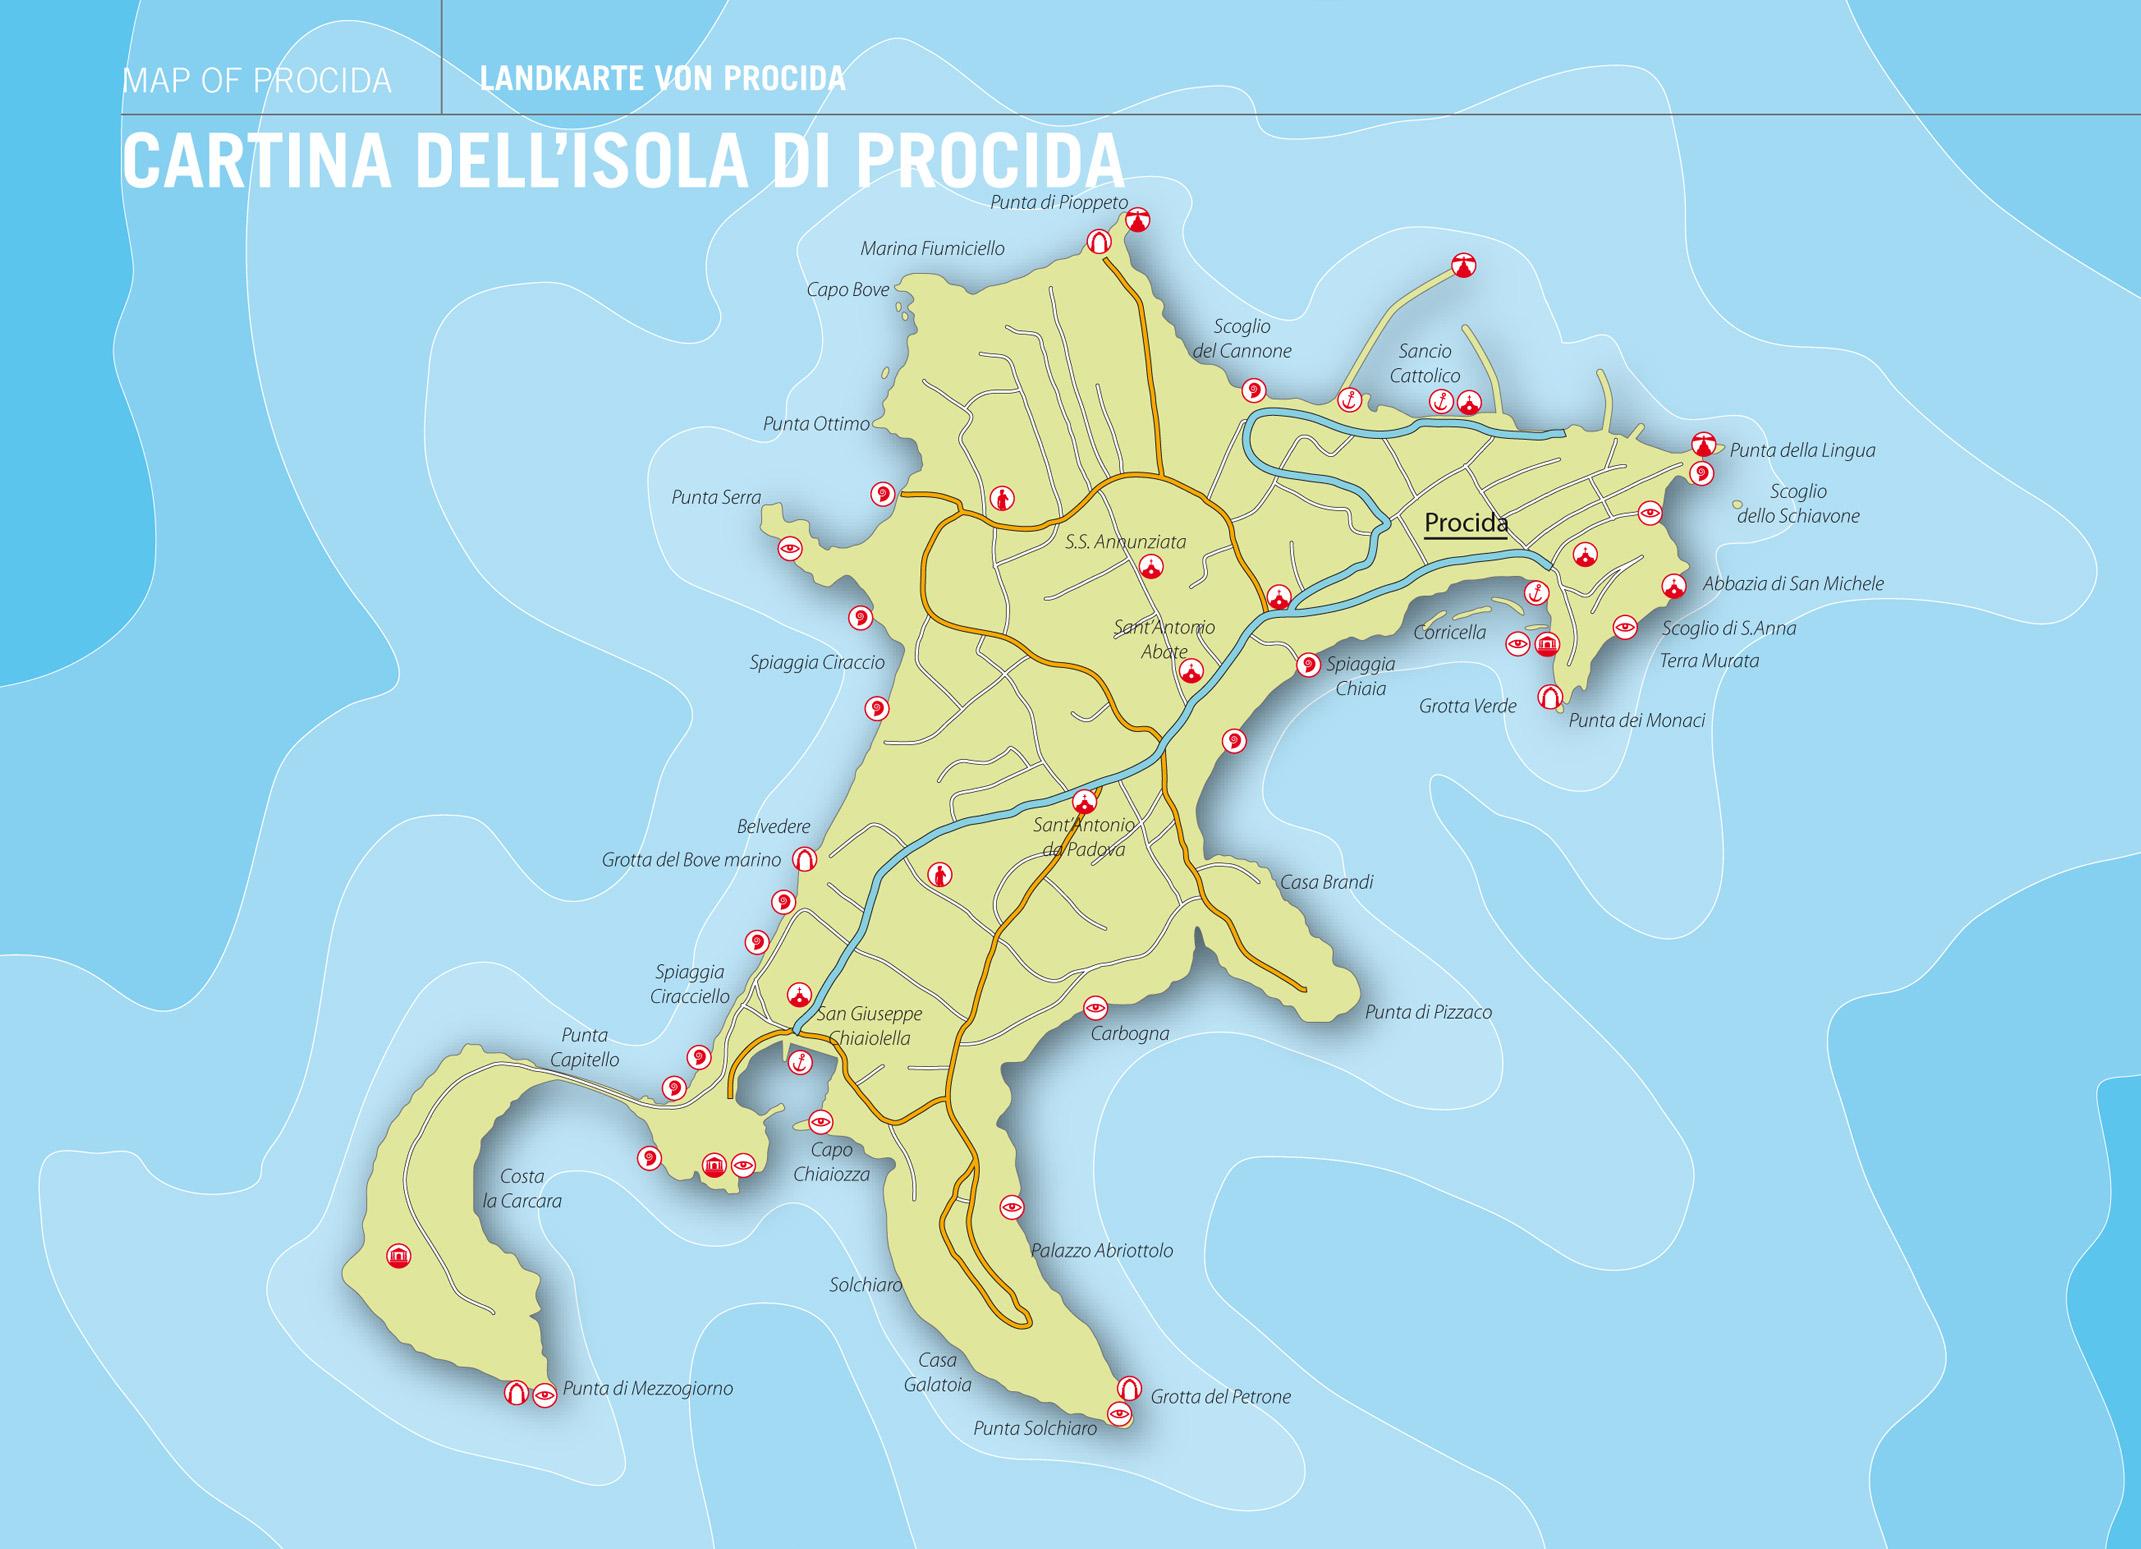 Map of - cartina-procida